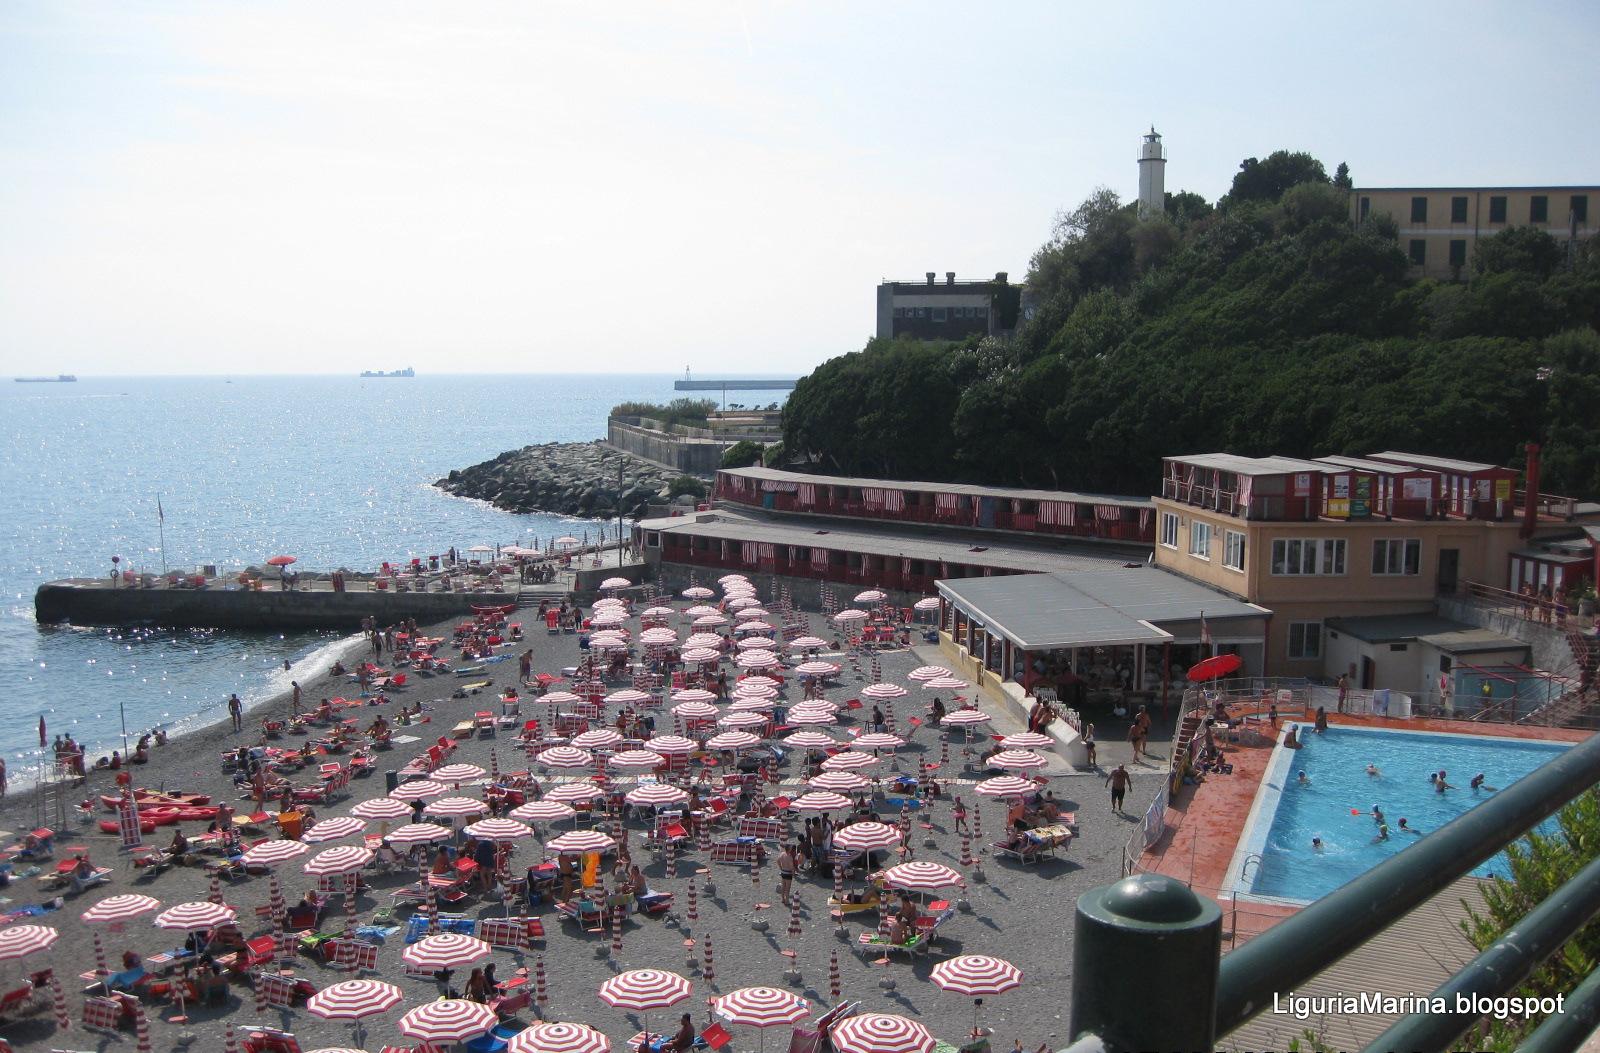 Liguriamarina genova spiagge e mare - Bagni chimici genova ...